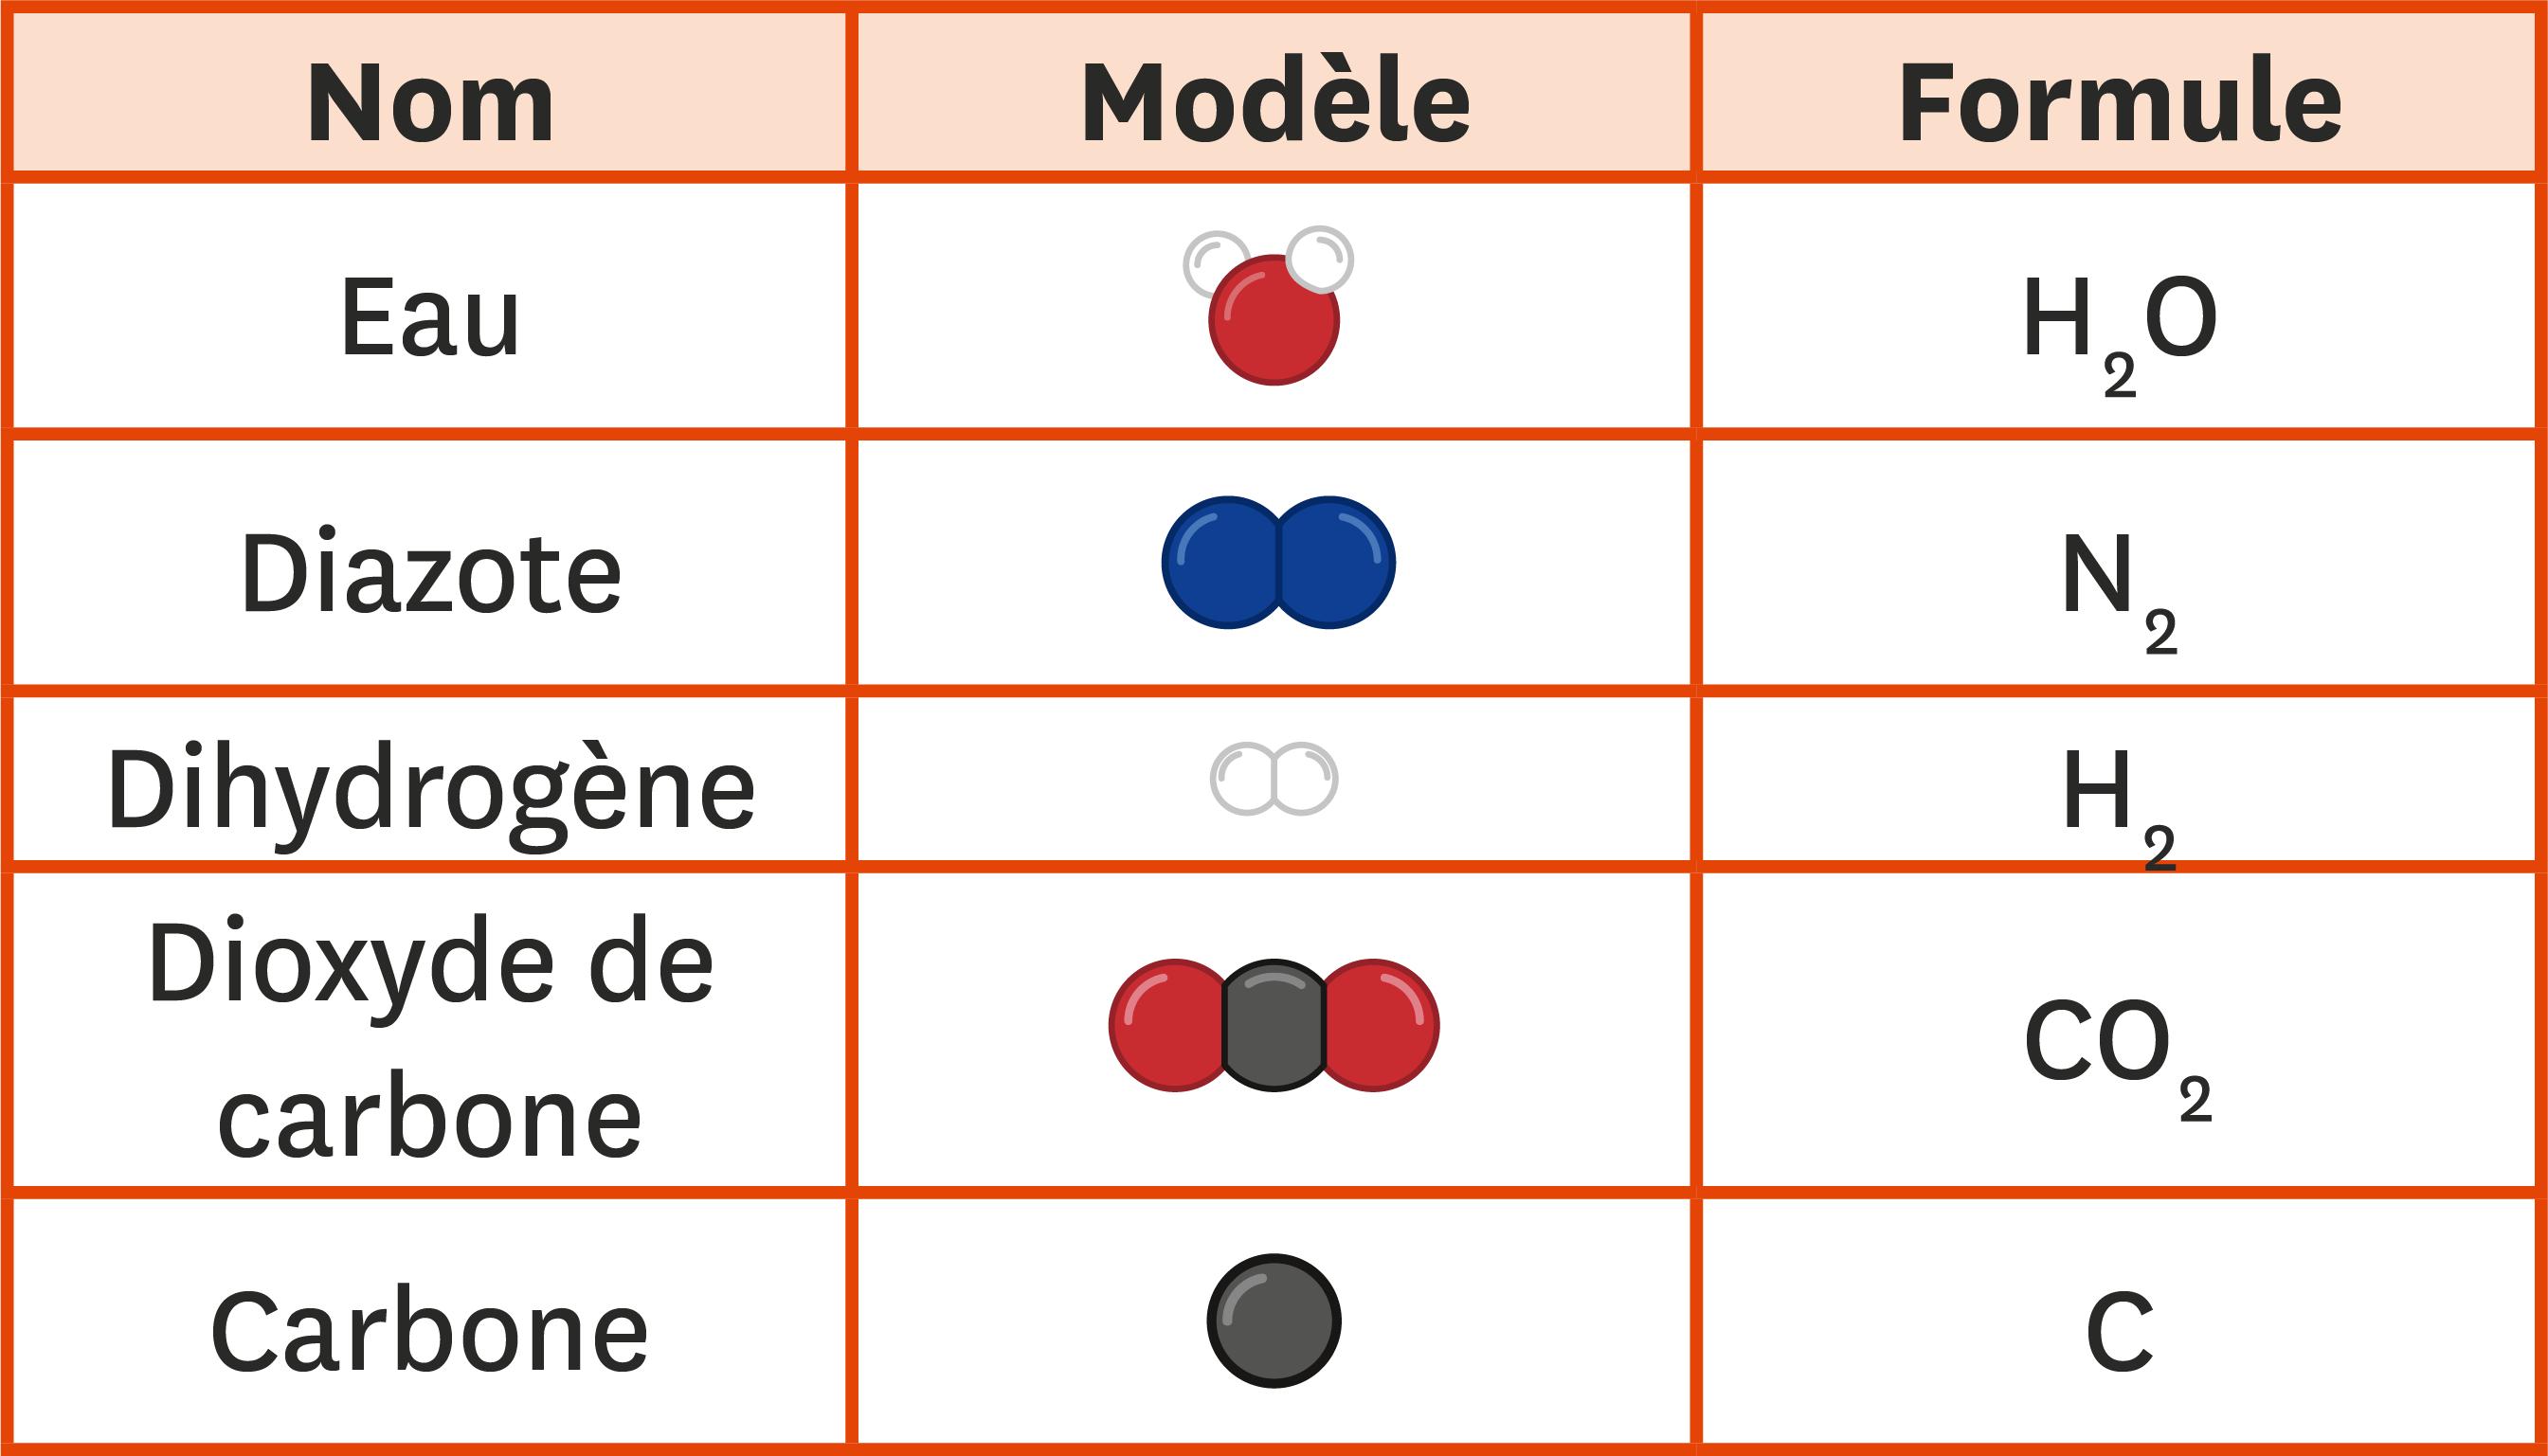 <stamp theme='pc-green1'>Doc. 2</stamp> Nom, modèle et formule de quelques molécules.